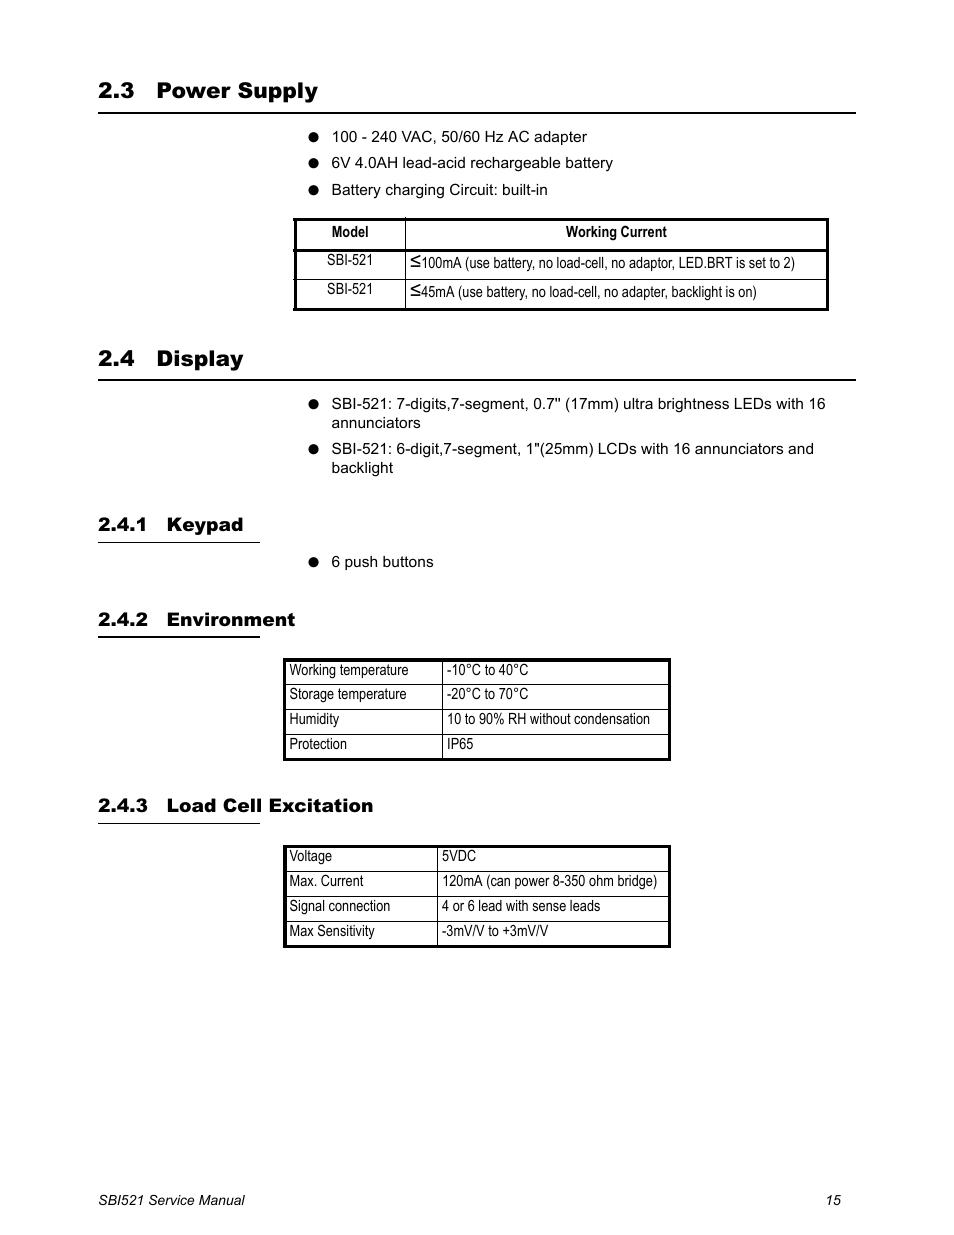 3 power supply, 4 display, 1 keypad | Salter Brecknell WB